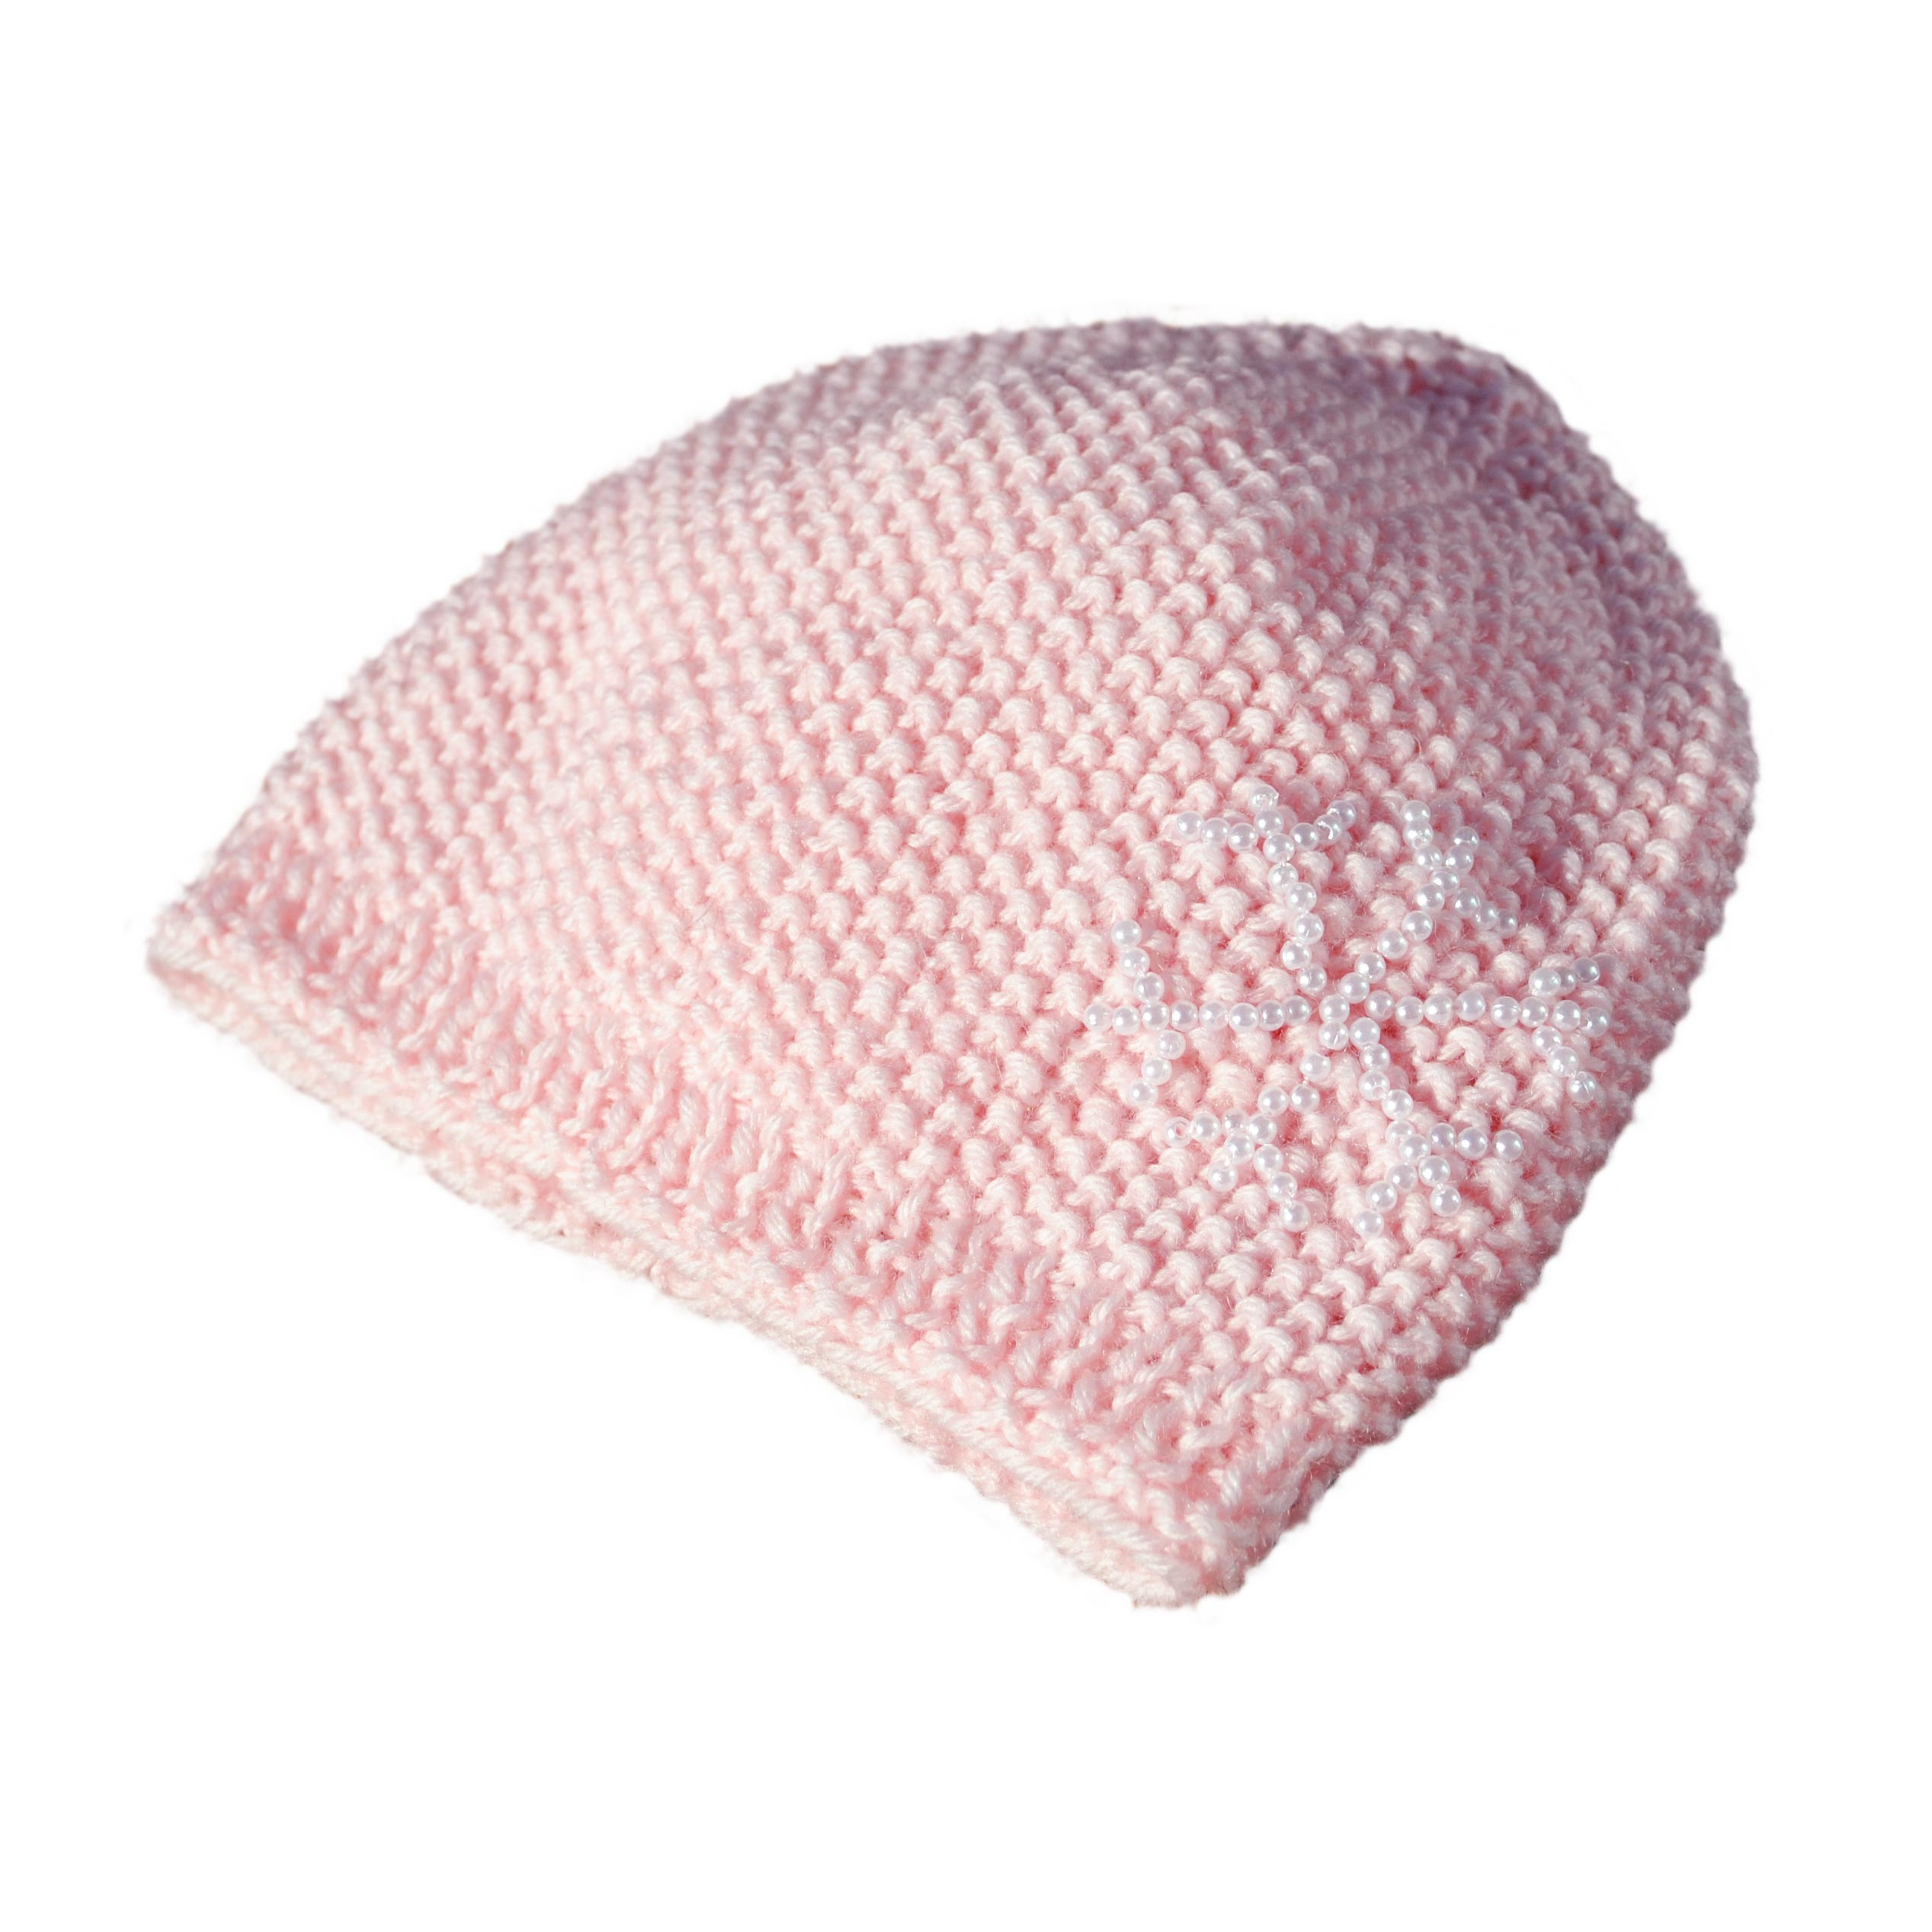 online store 51ffa 6b145 Cappellino bambina 3 mesi lana rosa chicco riso con ...